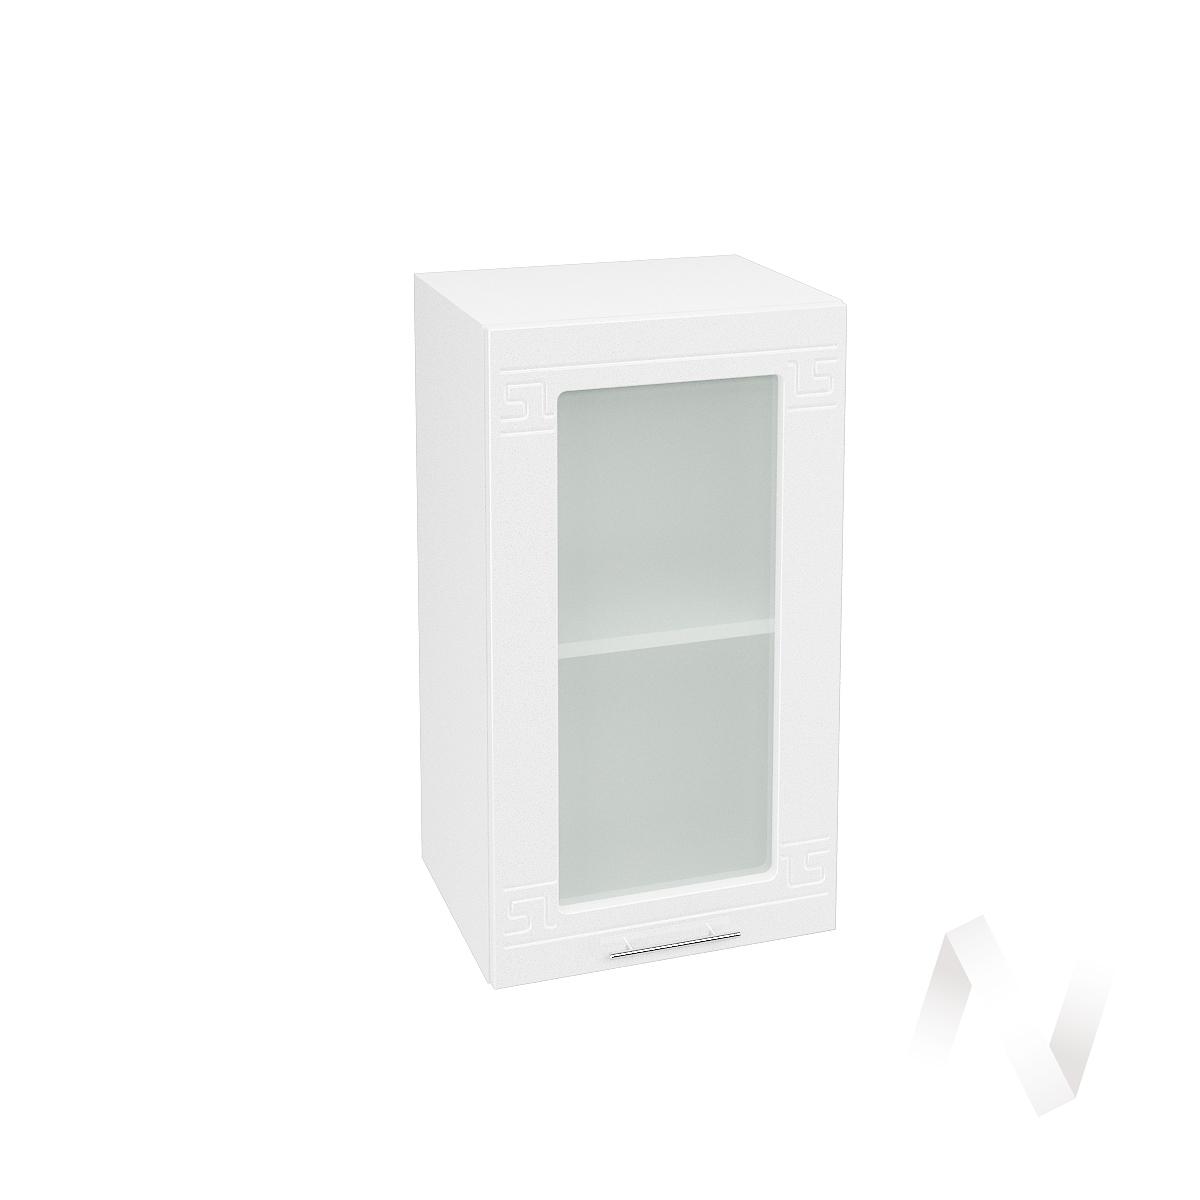 """Кухня """"Греция"""": Шкаф верхний со стеклом 400, ШВС 400 (белый металлик/корпус белый)"""